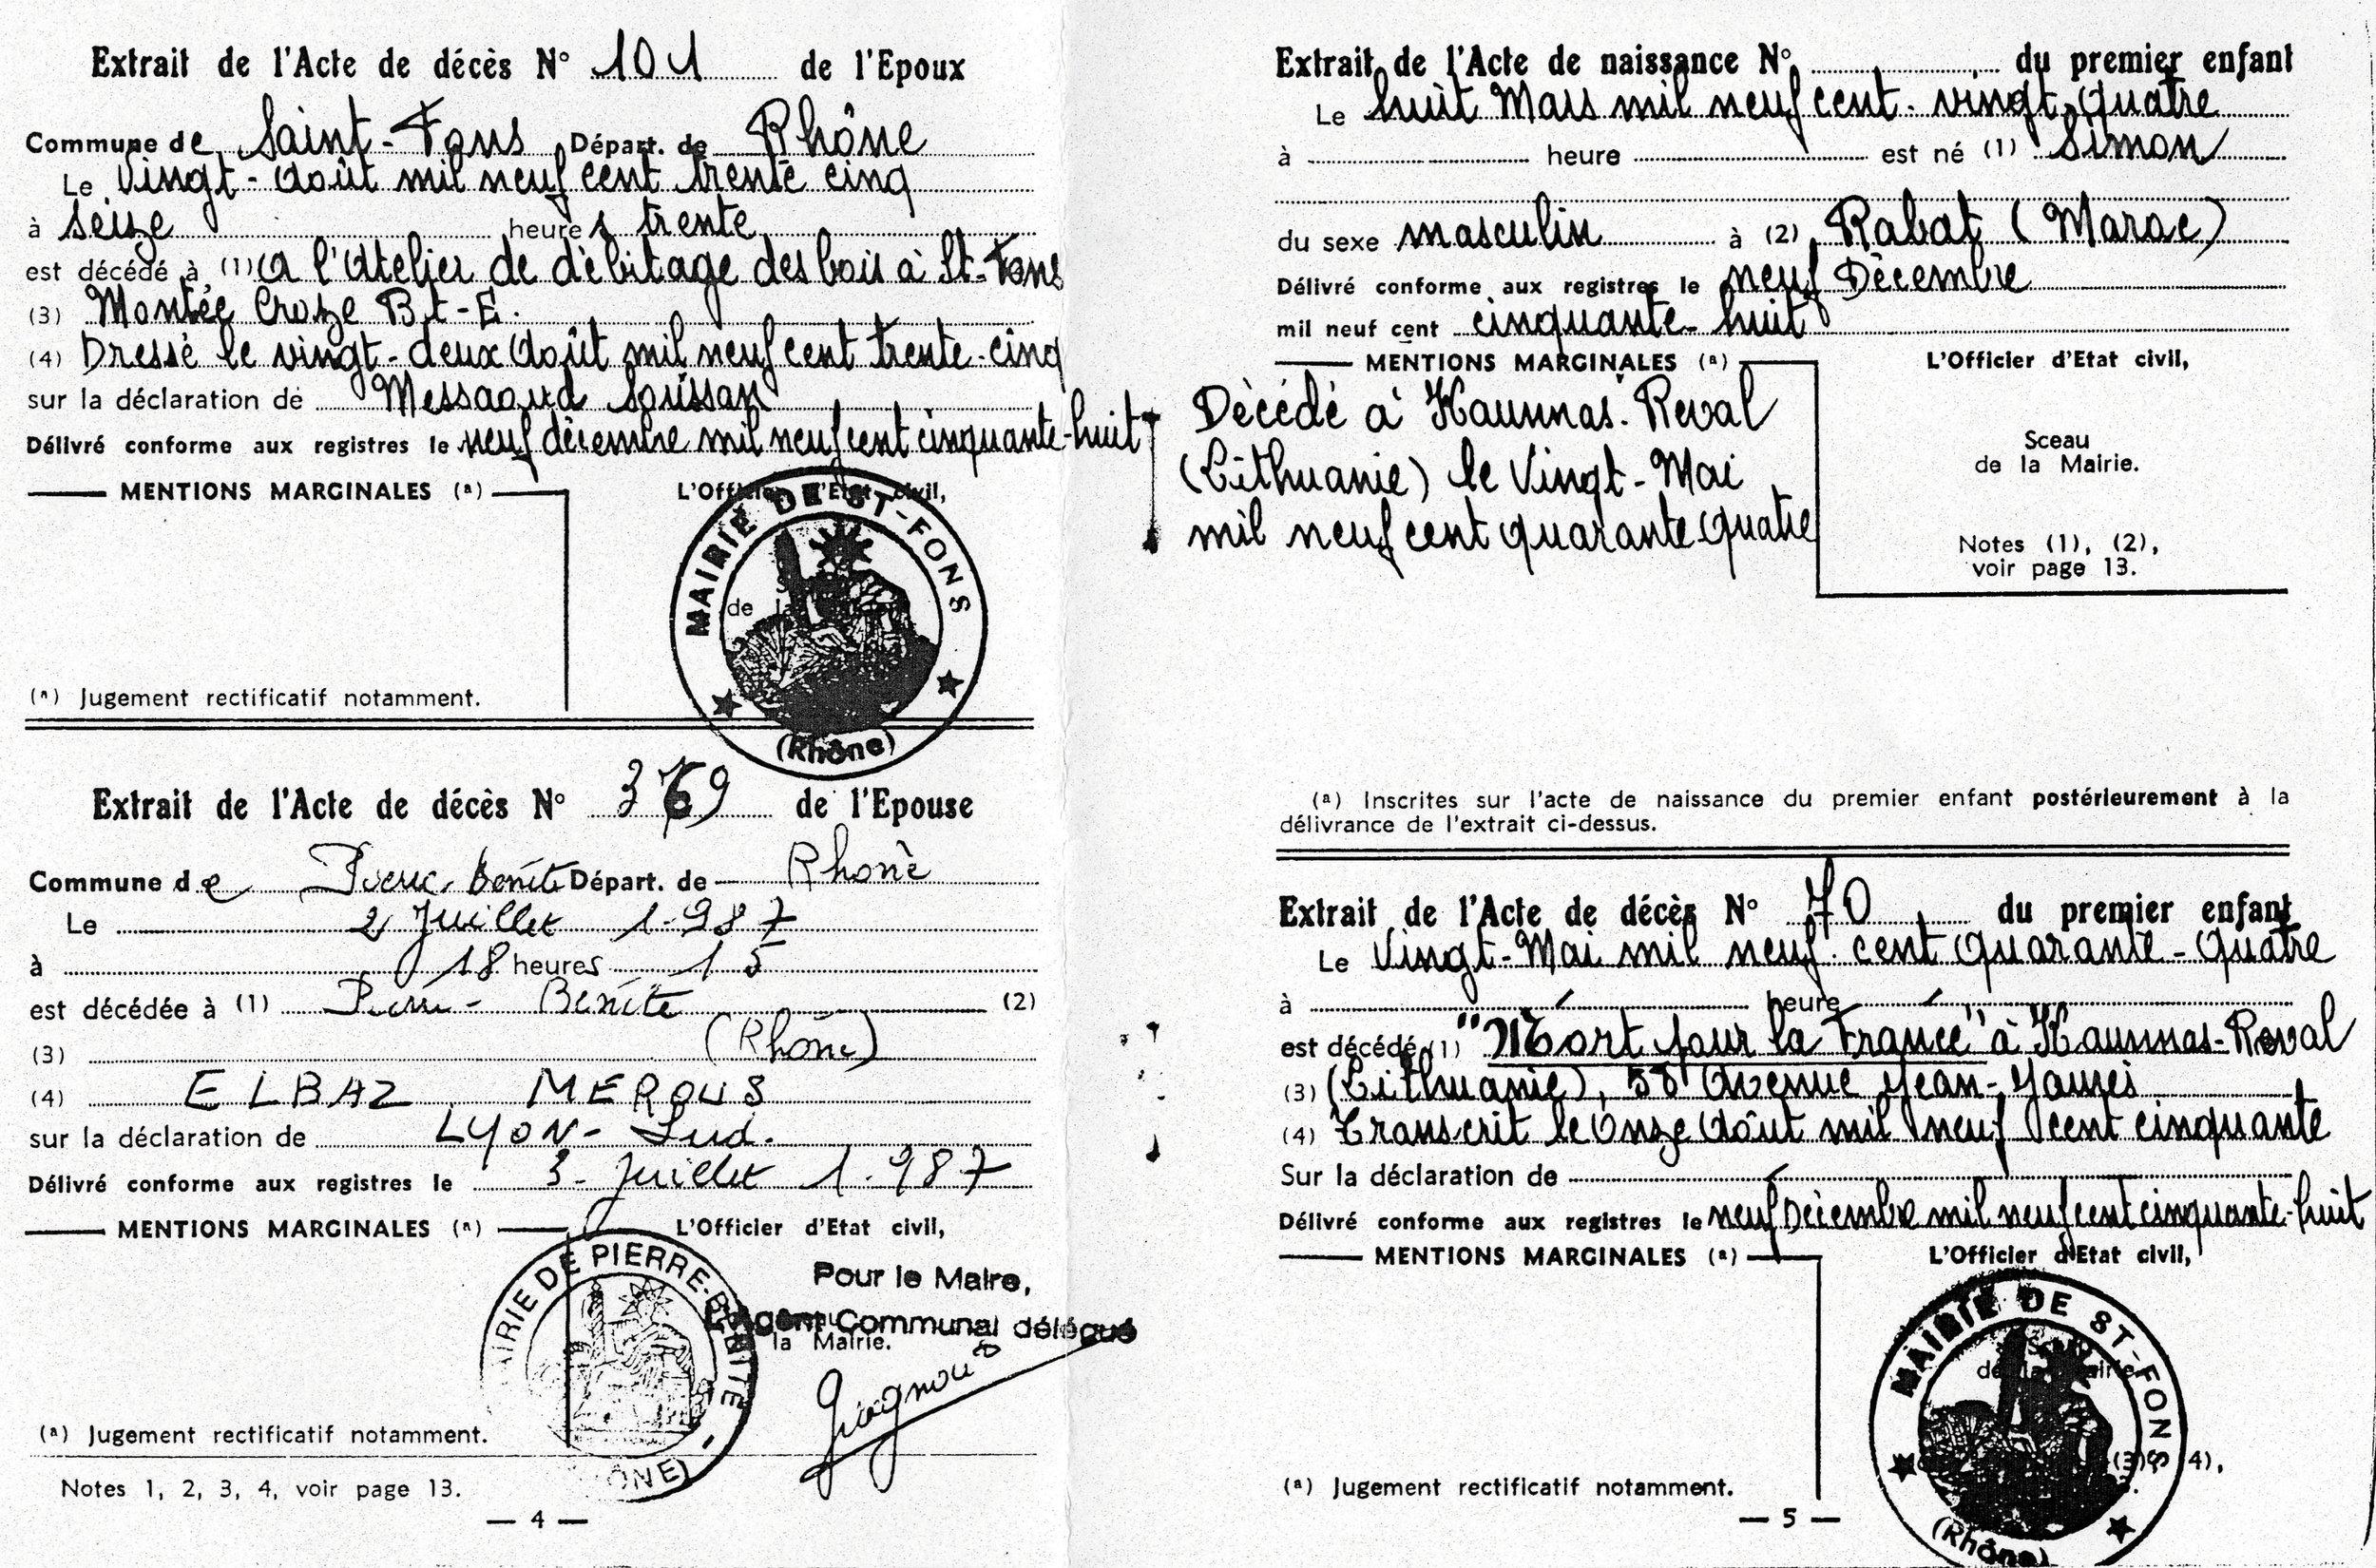 Acte de mariage / décès / naissance, page 2, page 1, Kadosch, Saint-Fons